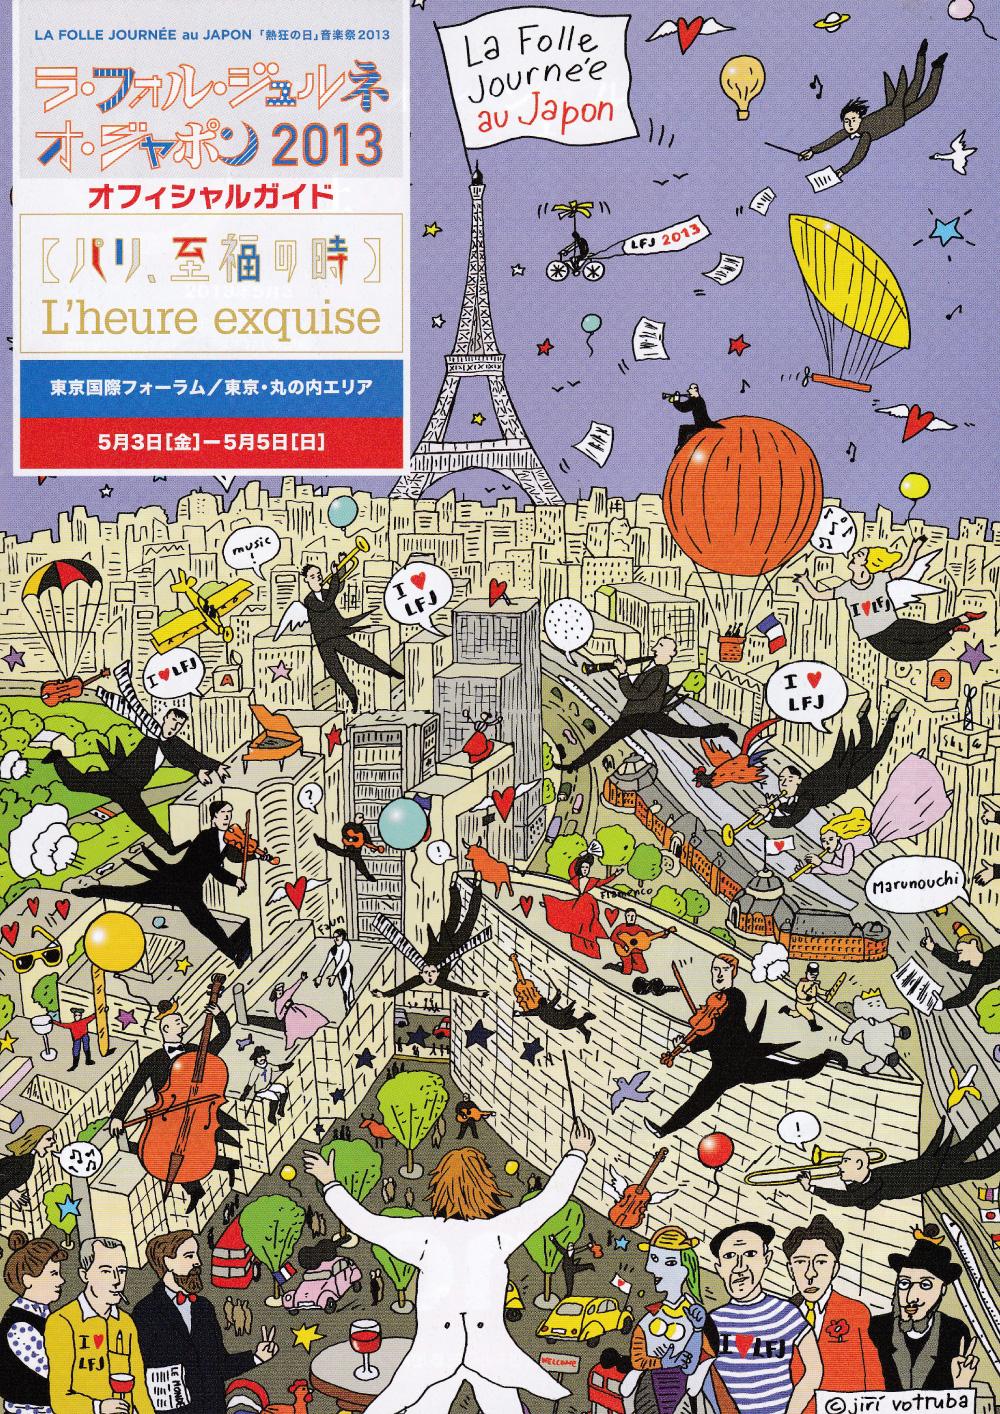 ラ・フォルジュルネ・オ・ジャポン 2013 パリ至福の時